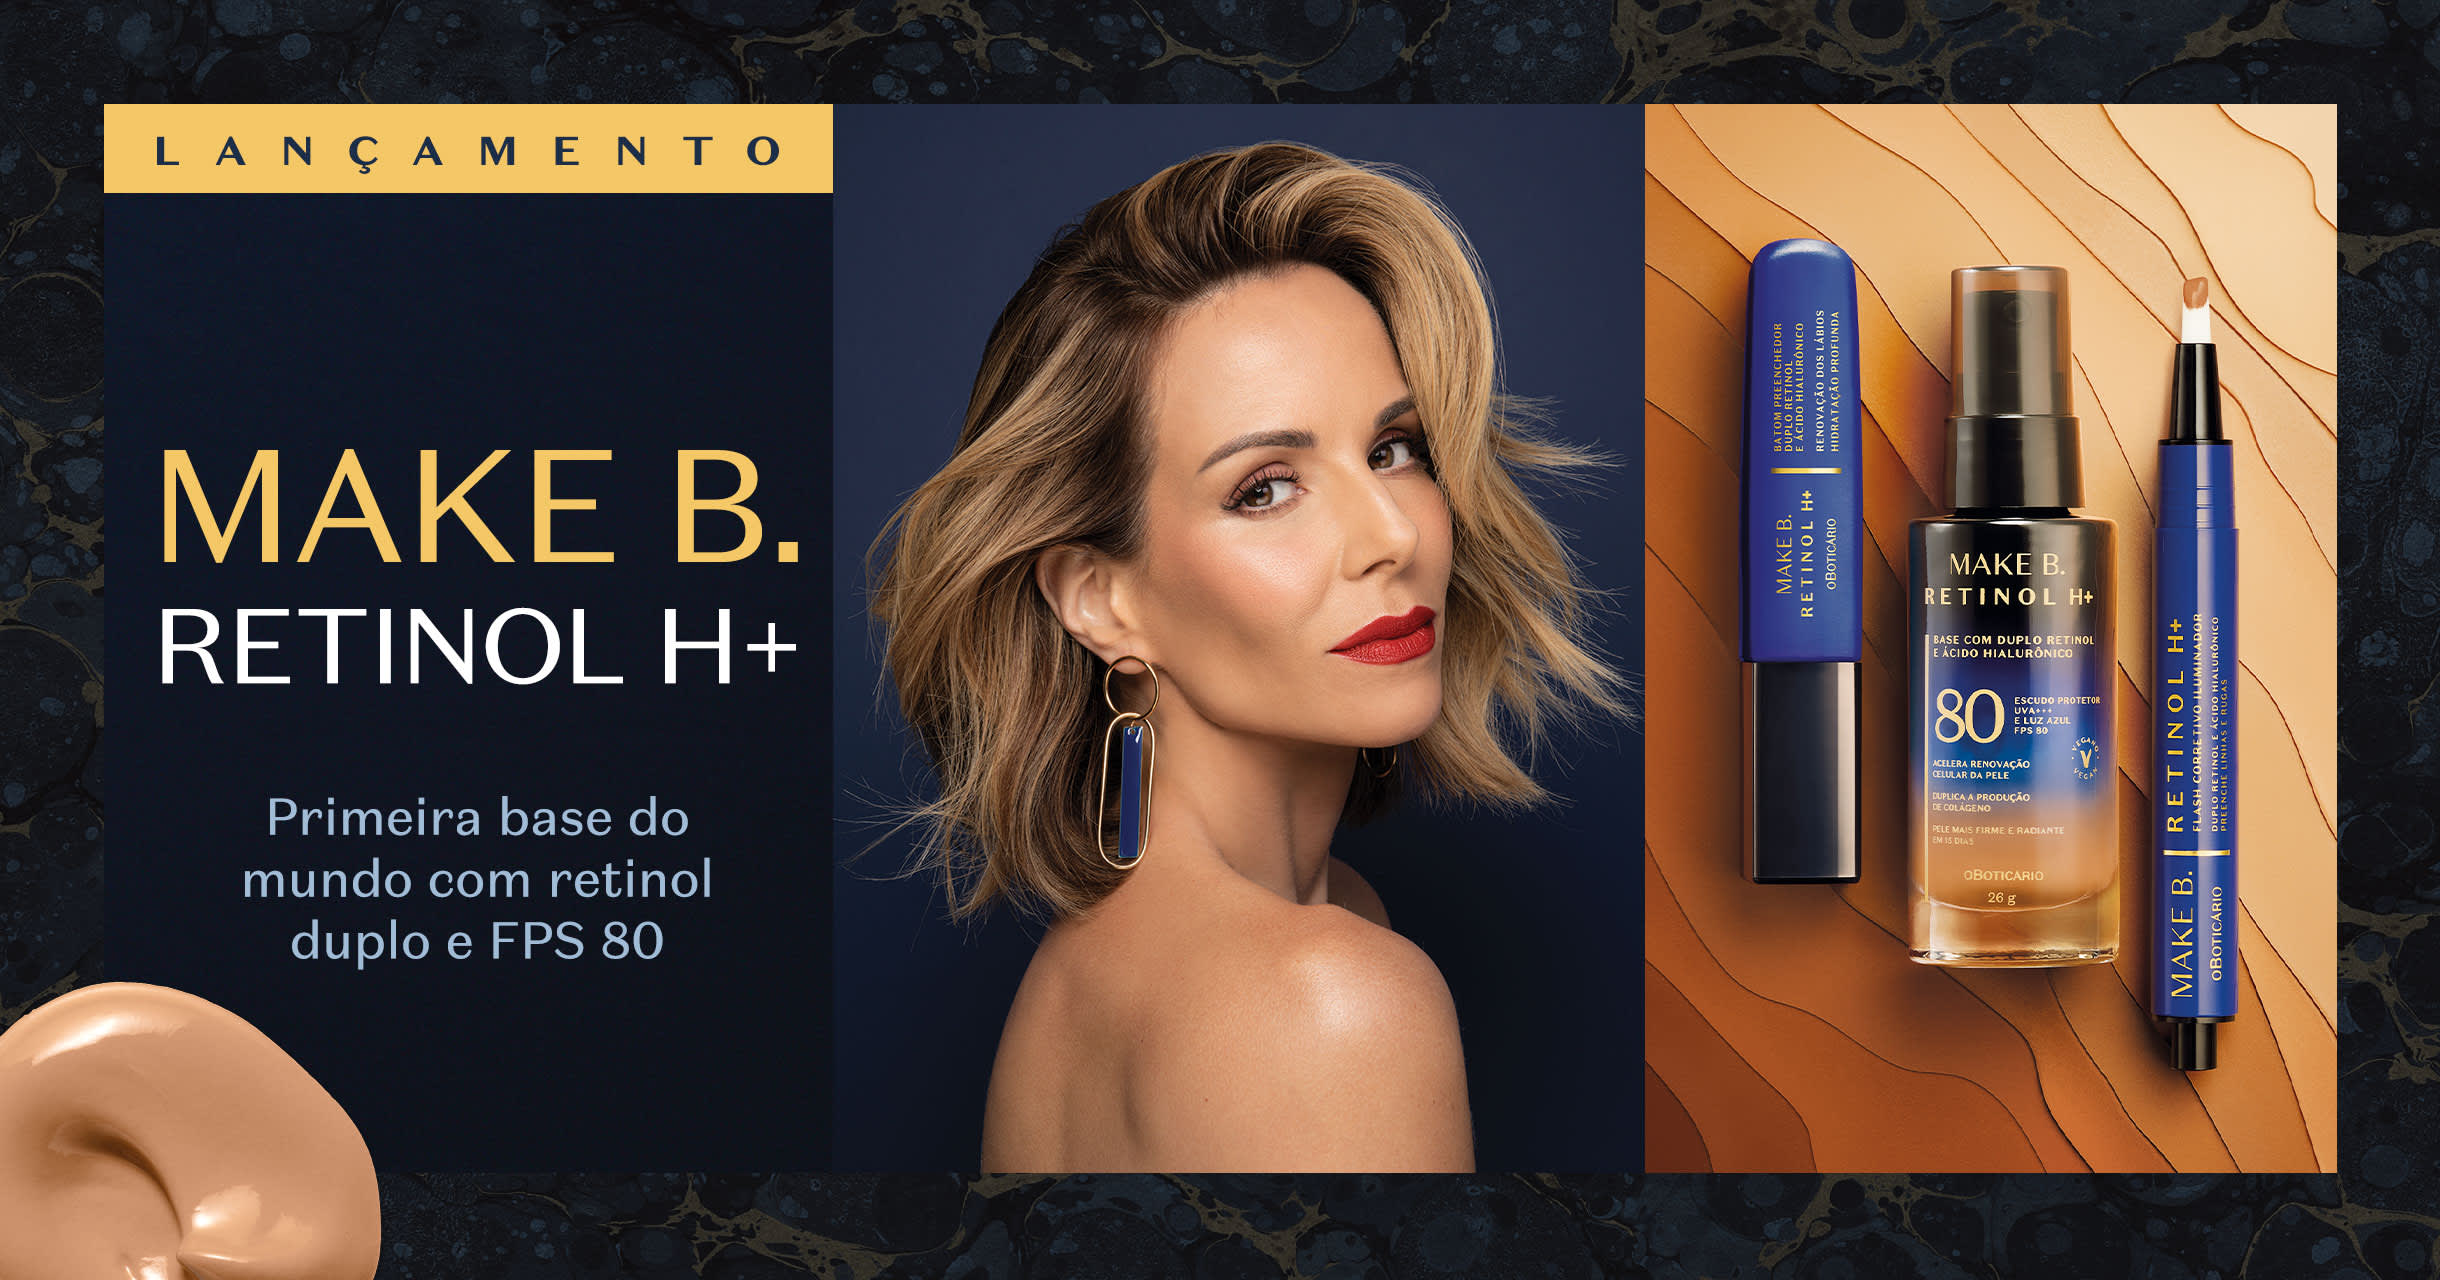 Alta performance e tecnologia em maquiagens com tratamento.